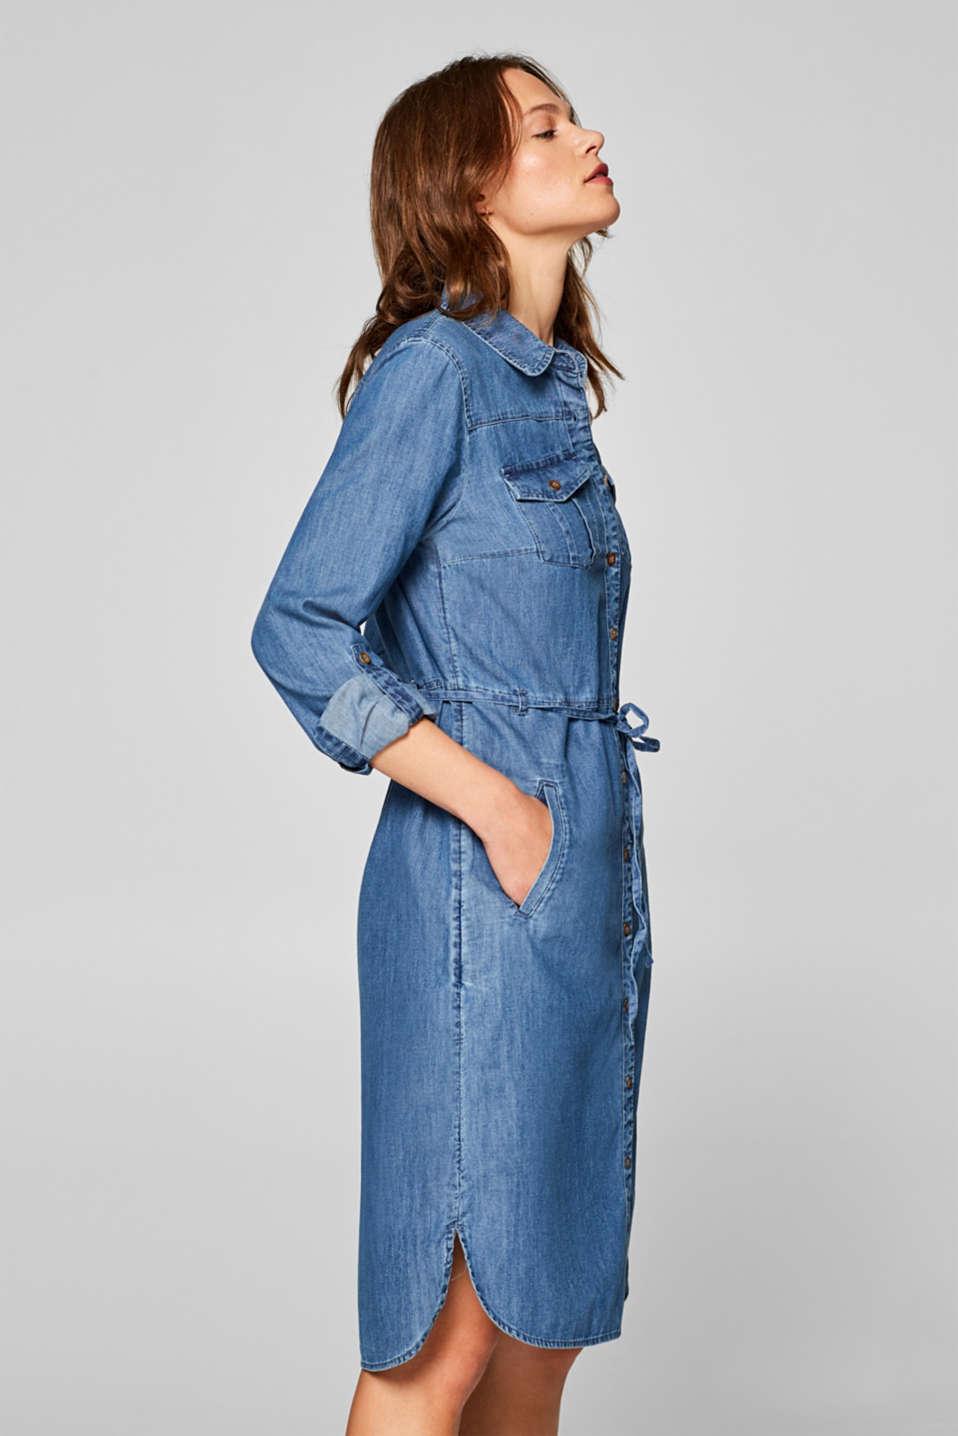 Esprit - Lätt jeansklänning med knytskärp i Esprits Online-Shop daa964c9c5999